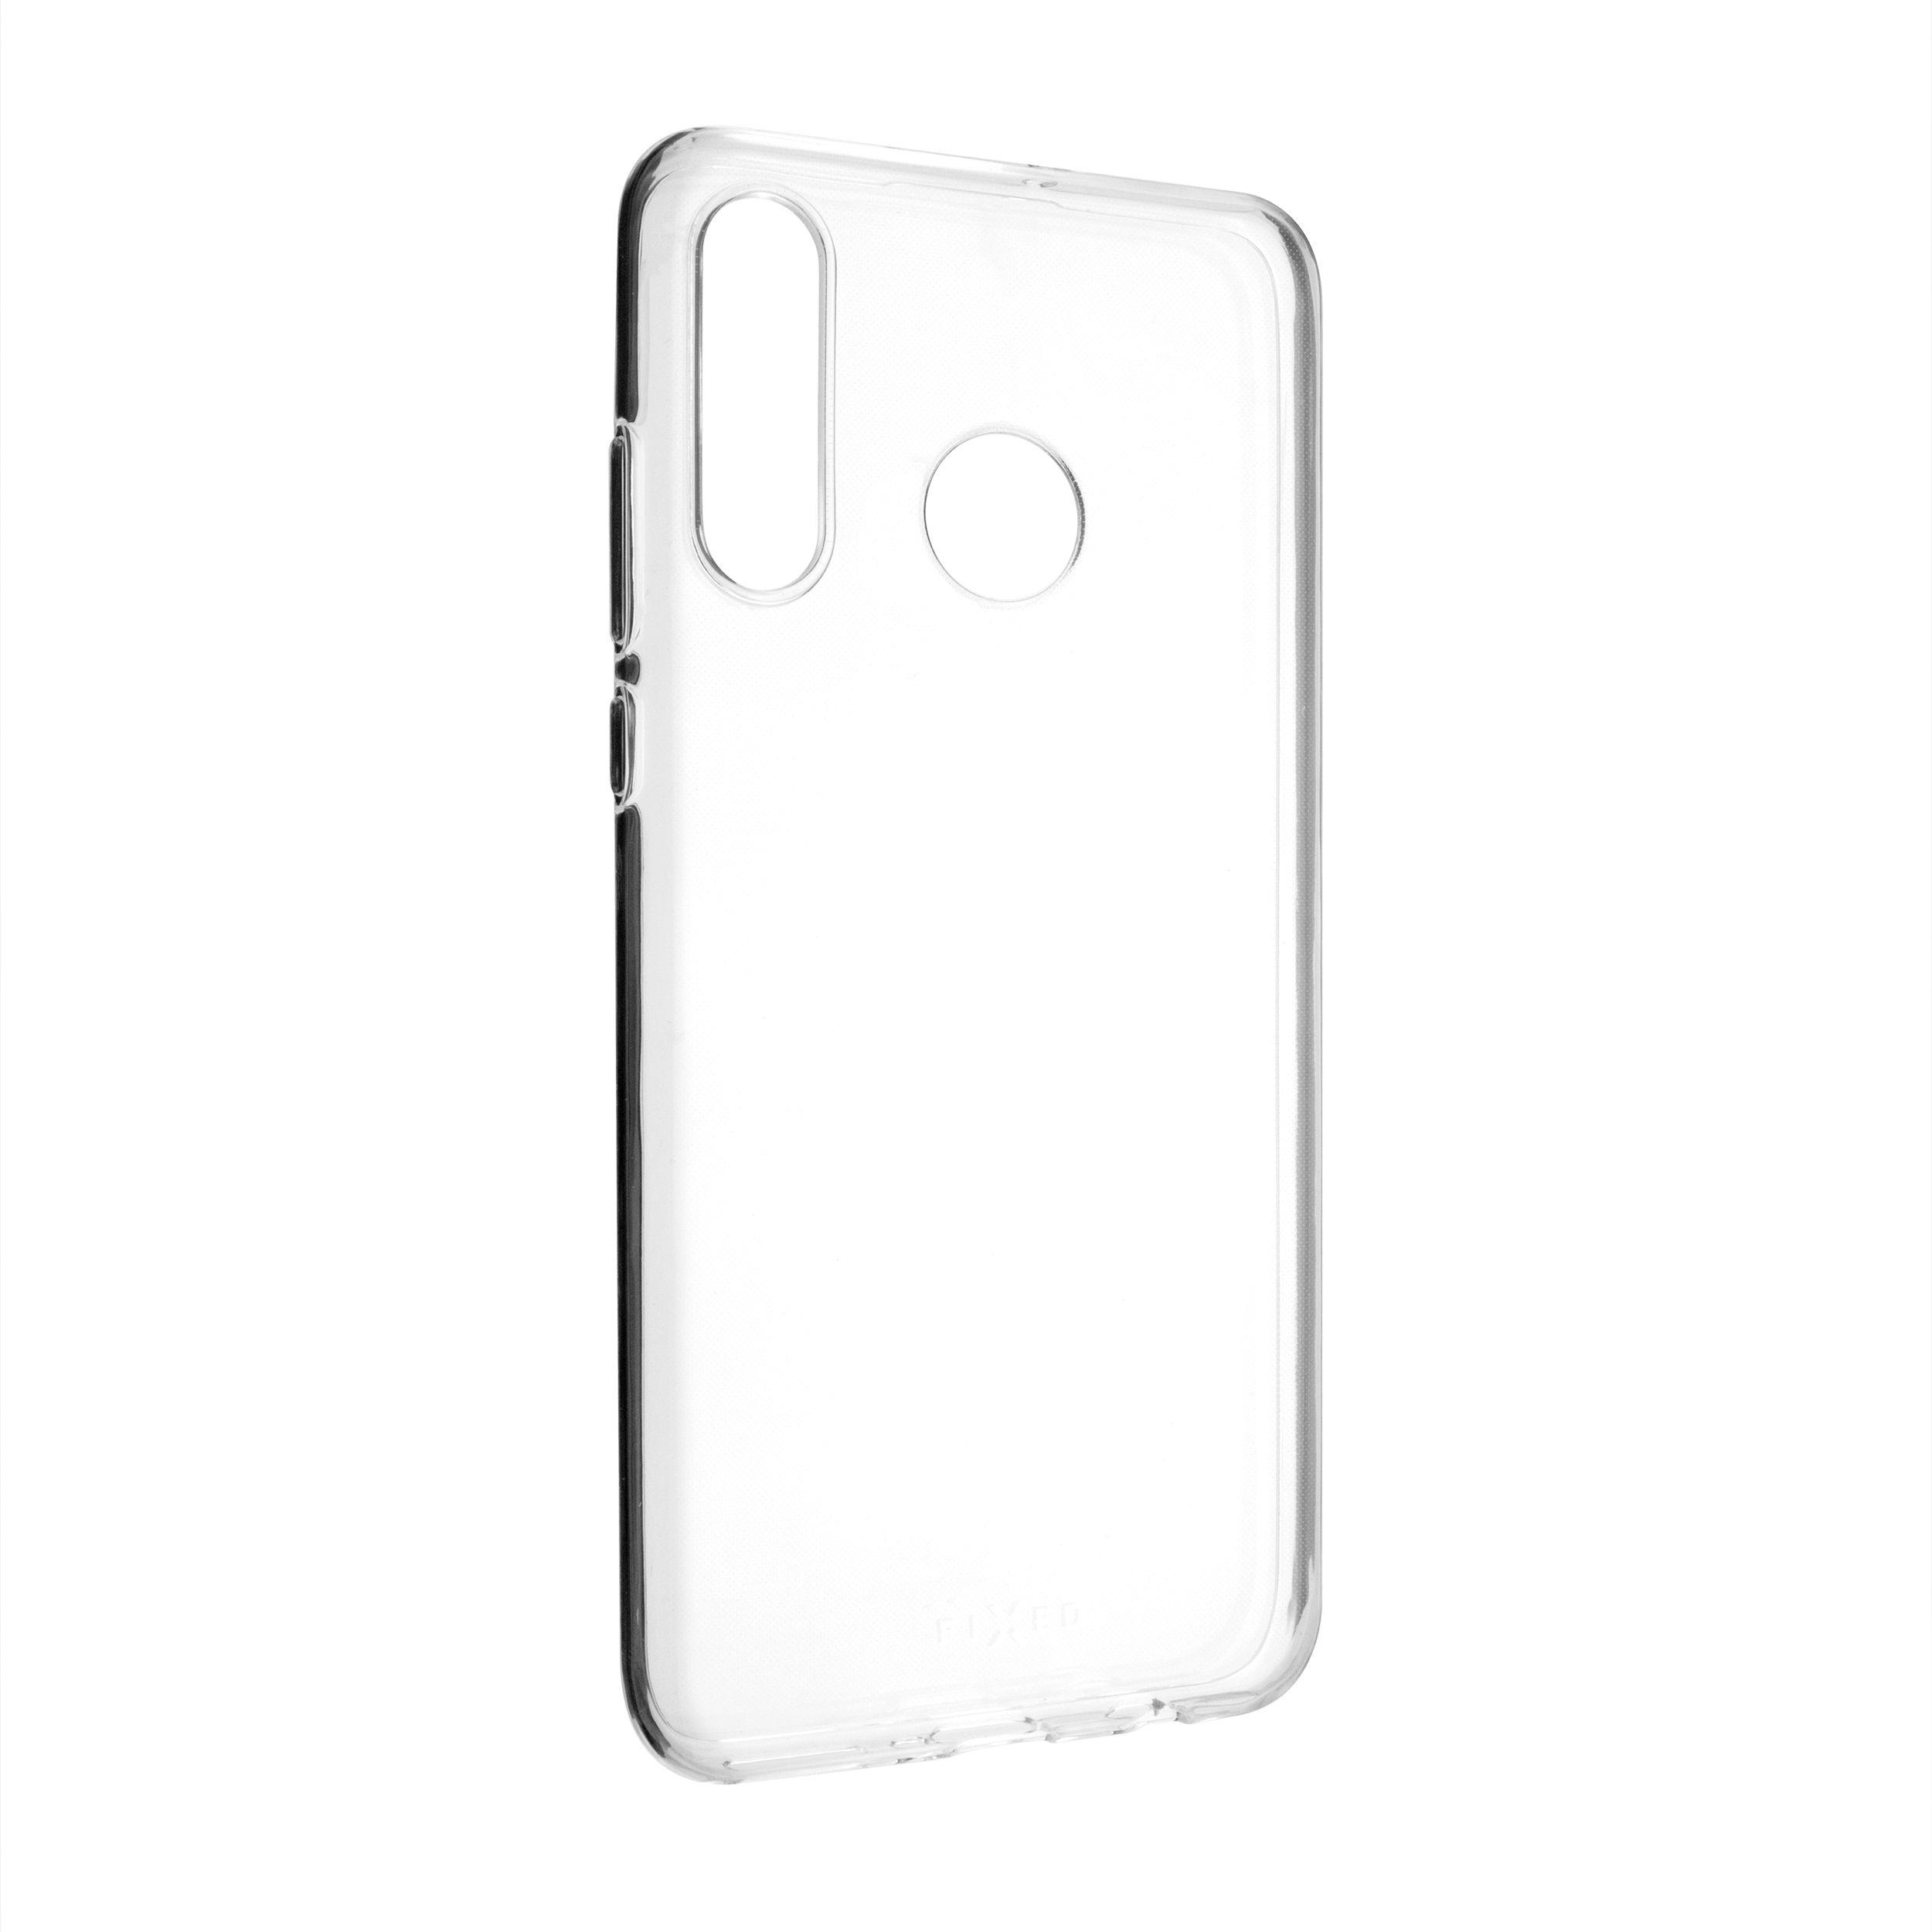 TPU gelové pouzdro FIXED pro Huawei P30 Lite, čiré